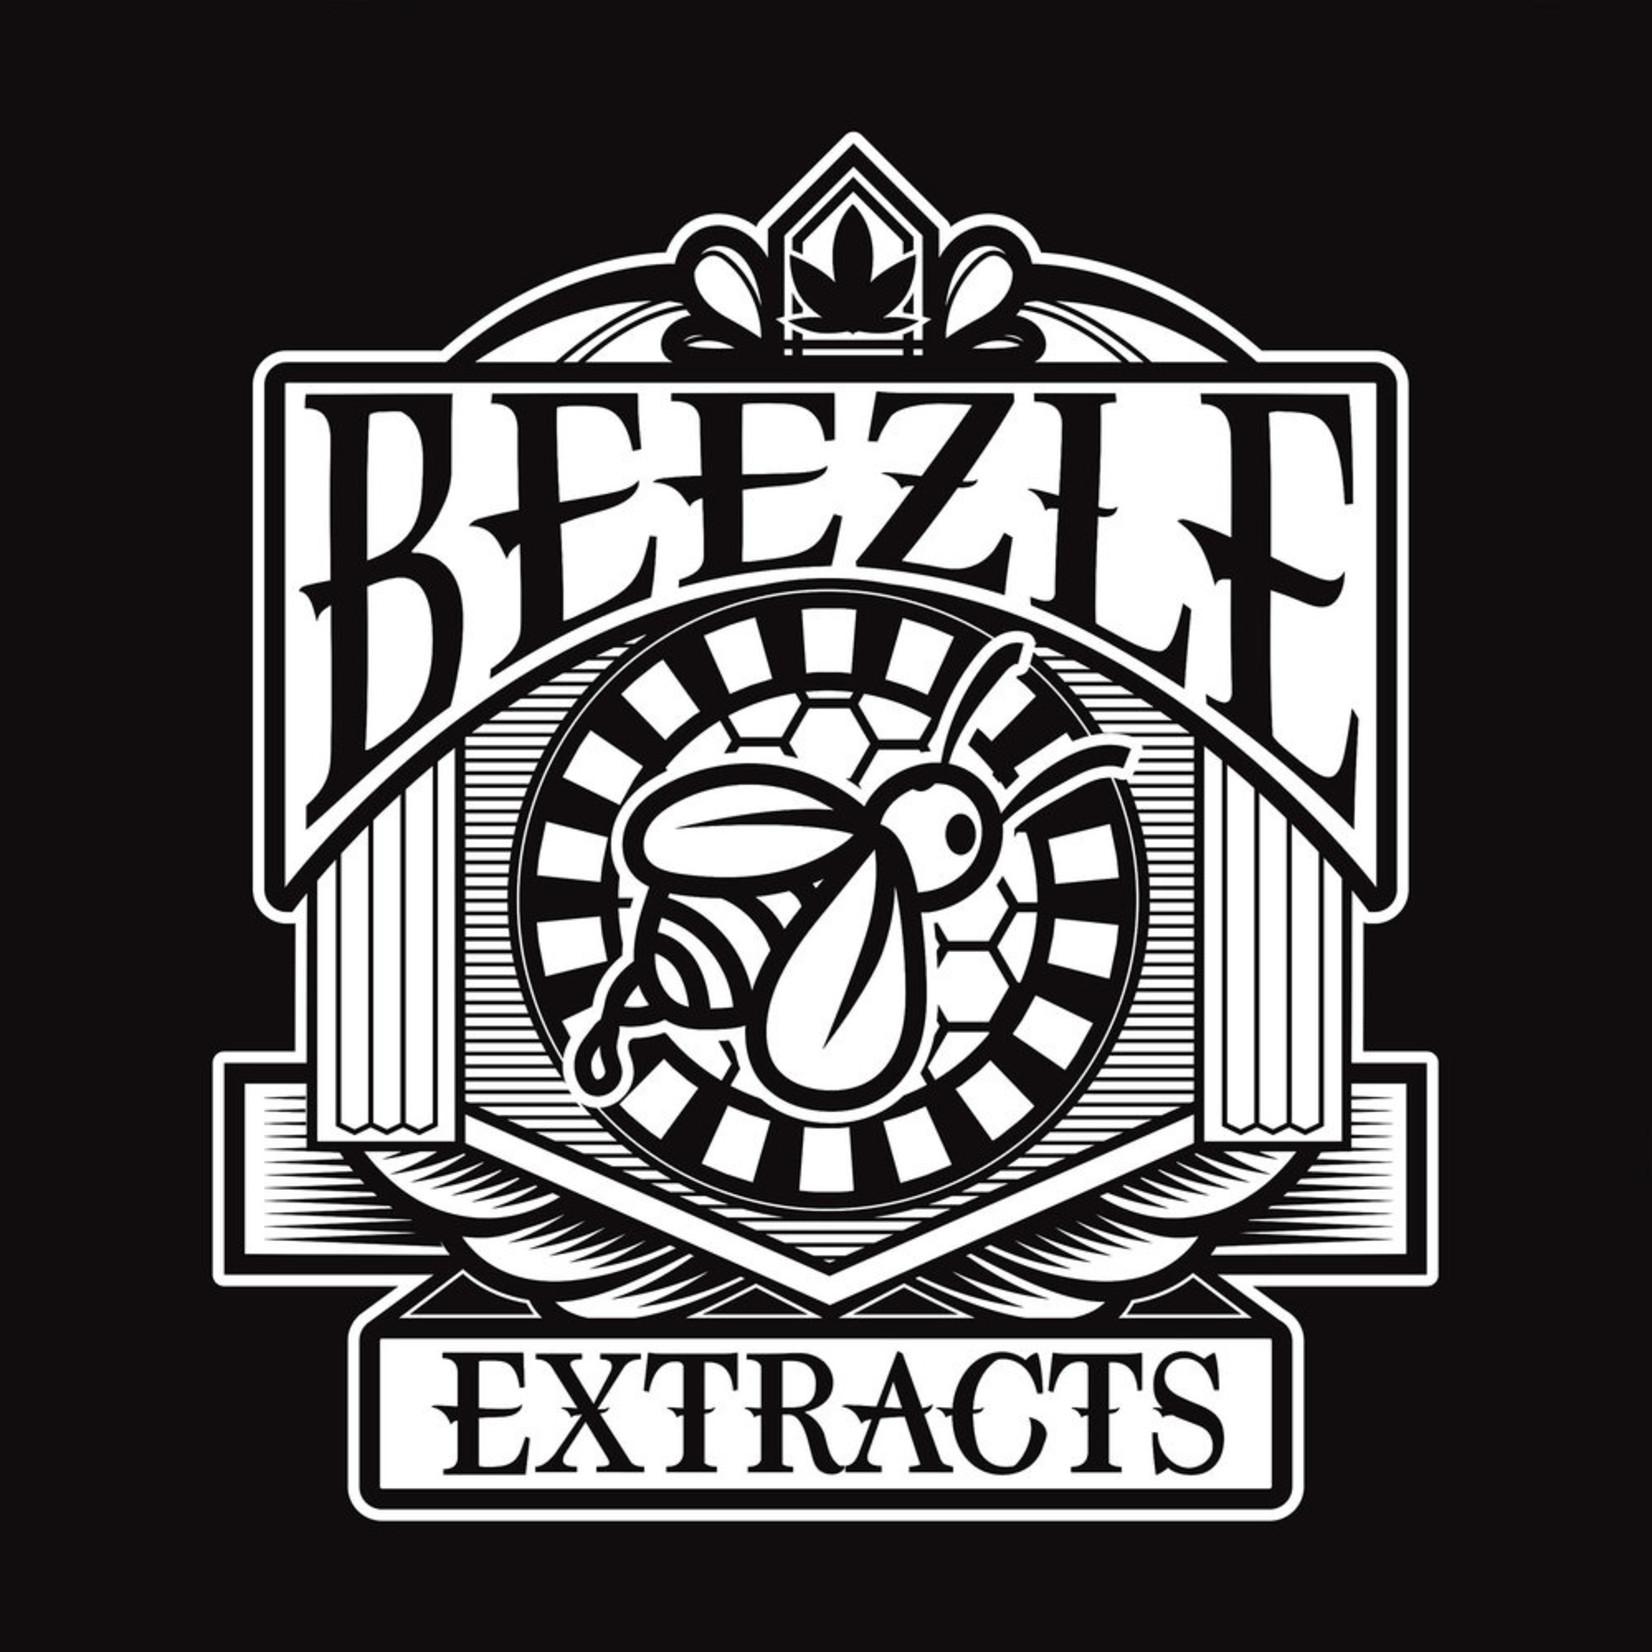 Beezle - 3 Bears OG badder -1 G